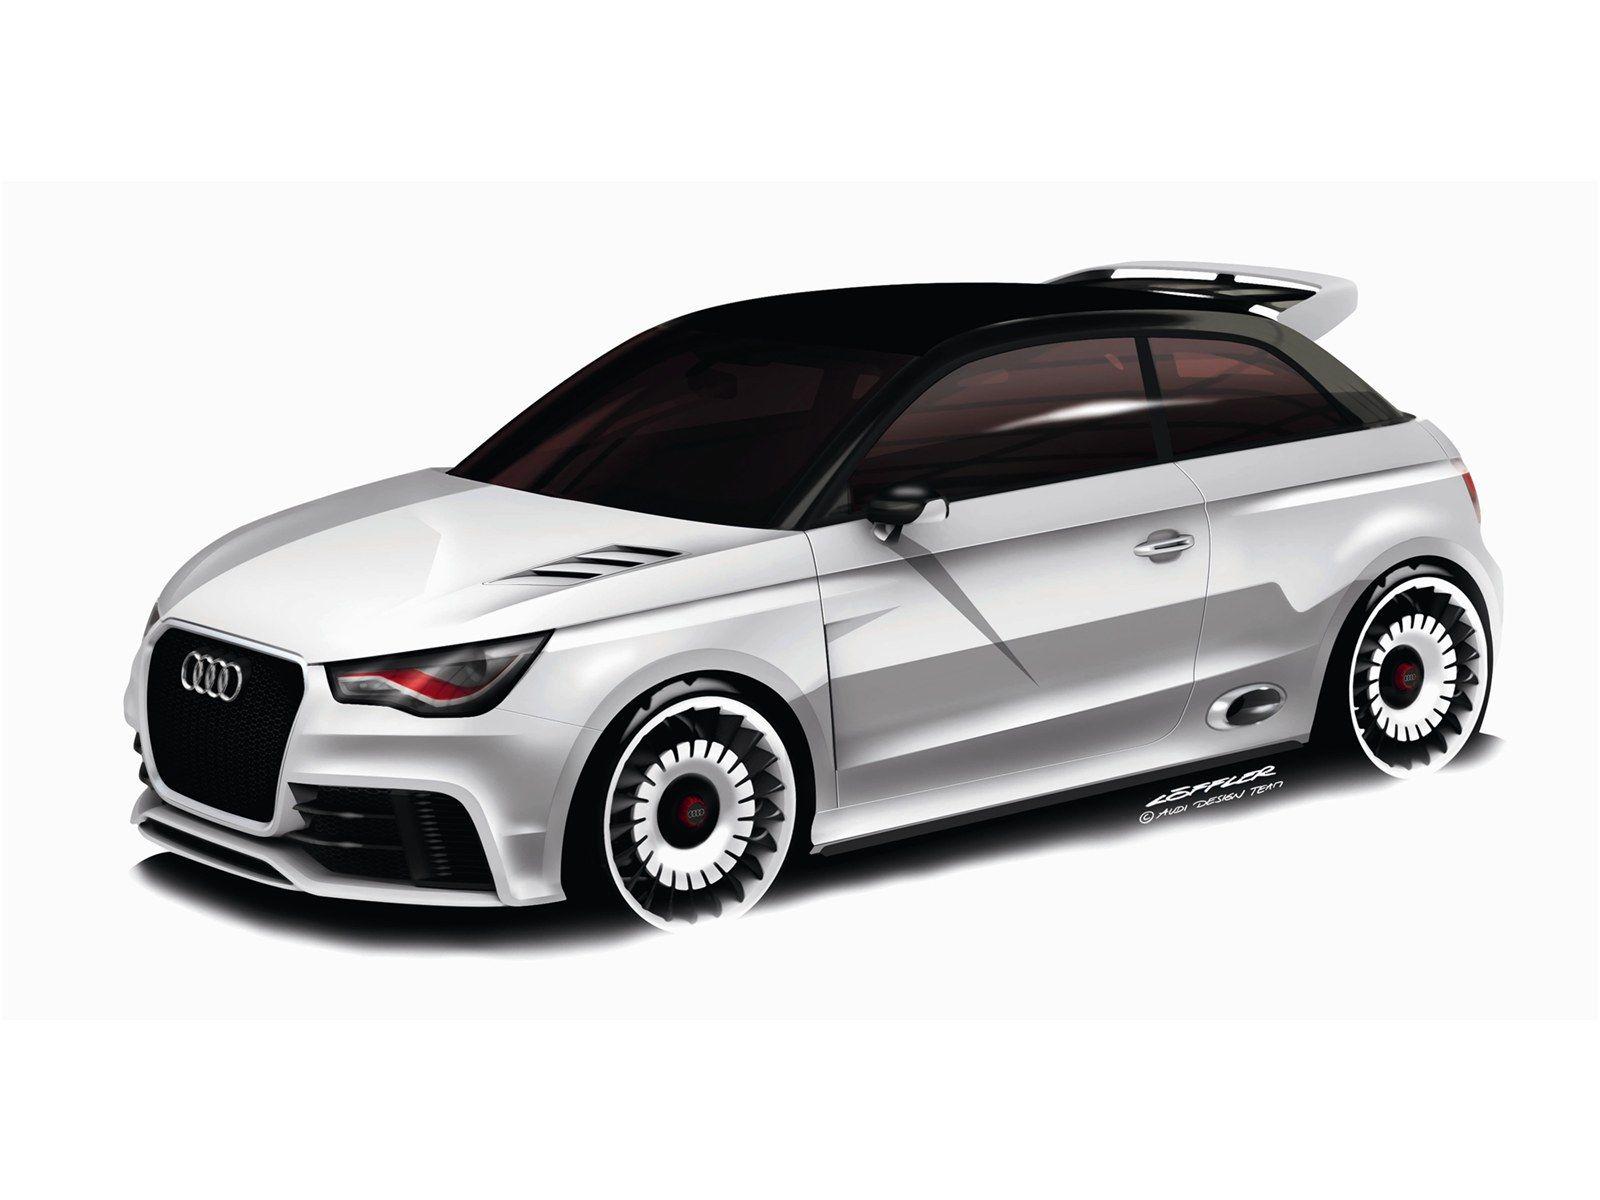 Audi A1 Clubsport Quattro Concept 2011 Audi A1 Audi Audi A1